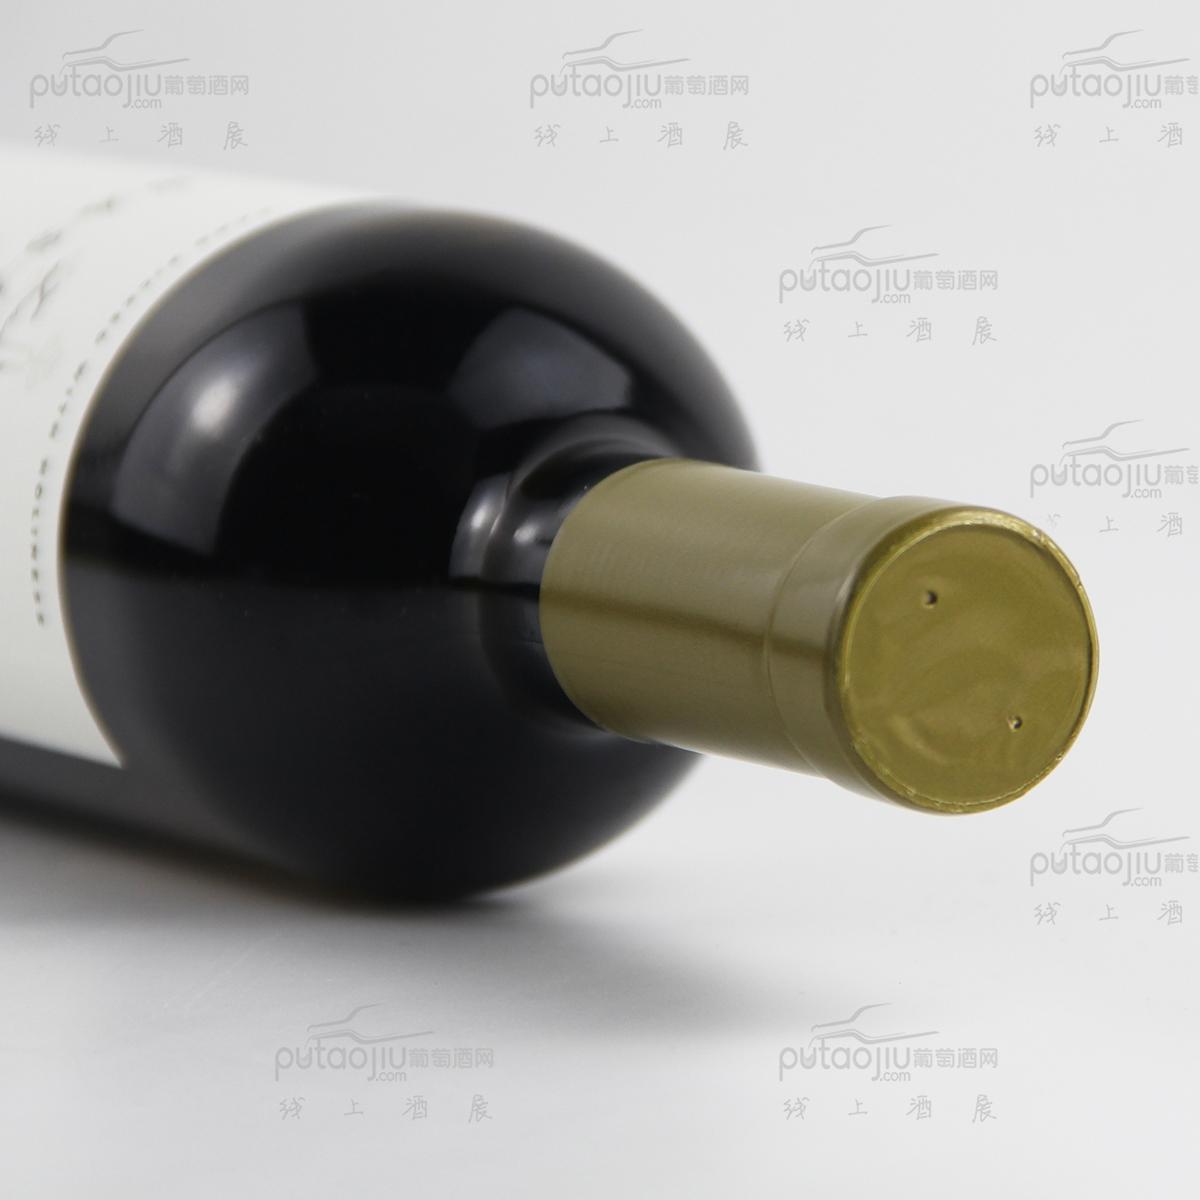 堡尔酒庄雷司令晚收半甜白葡萄酒 2017